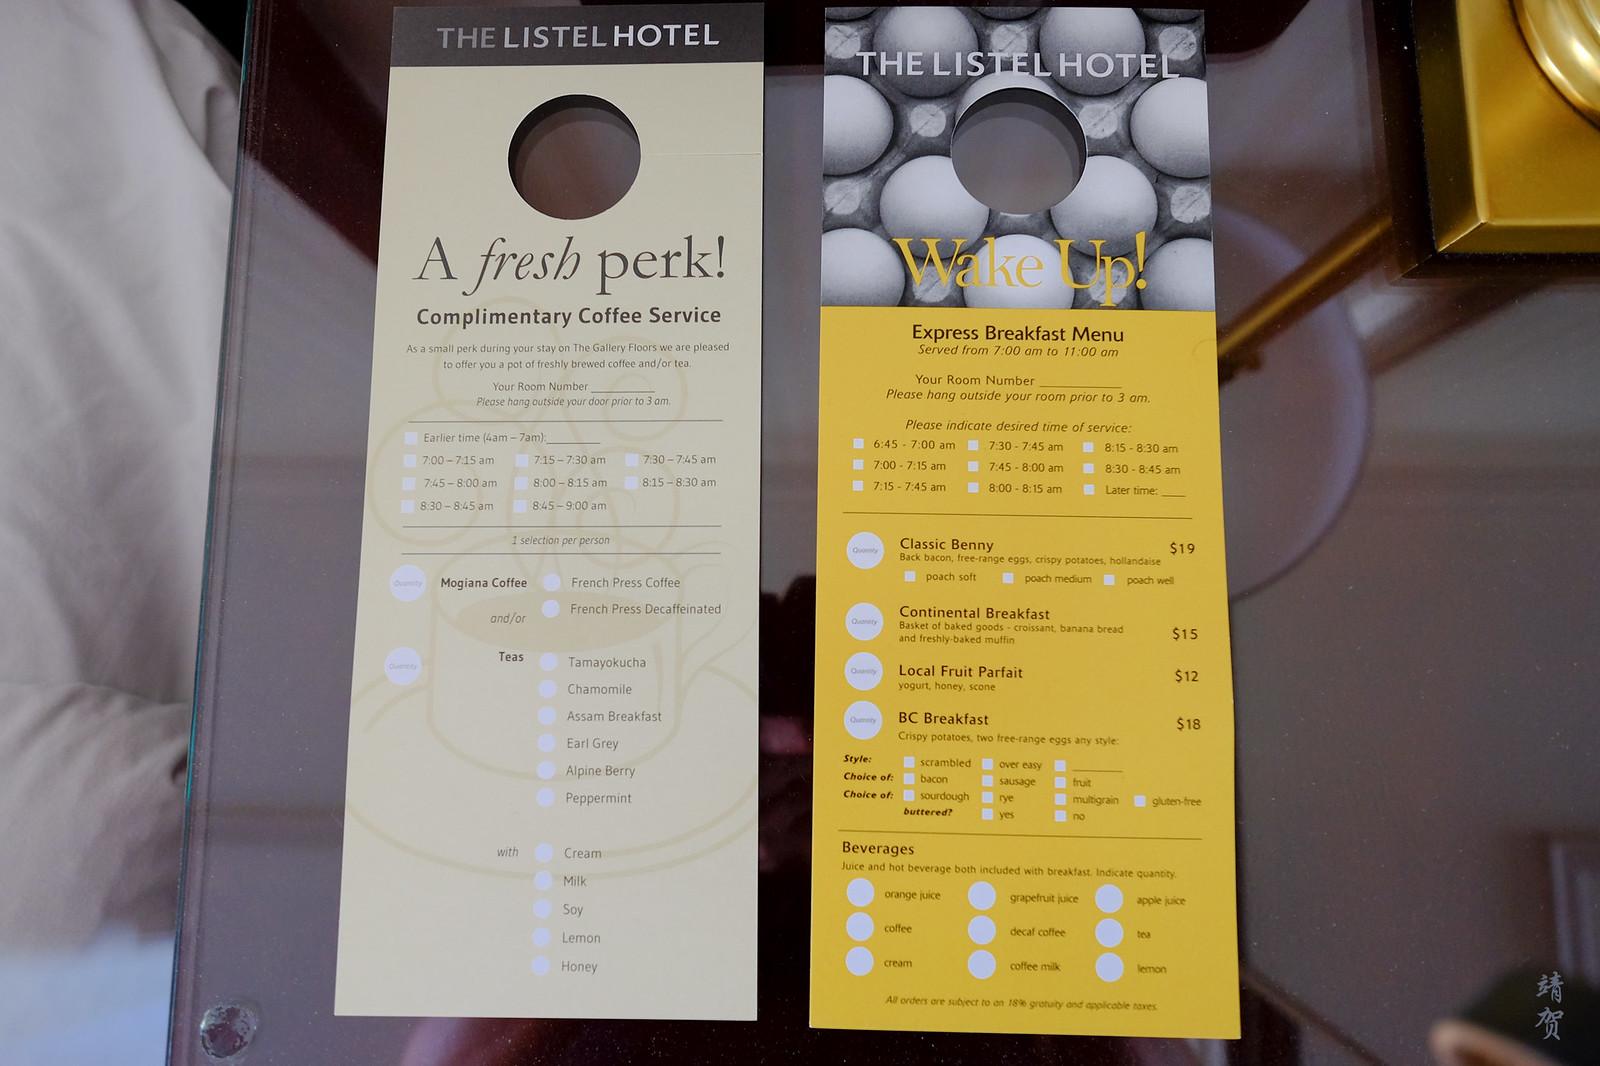 In-room breakfast menu